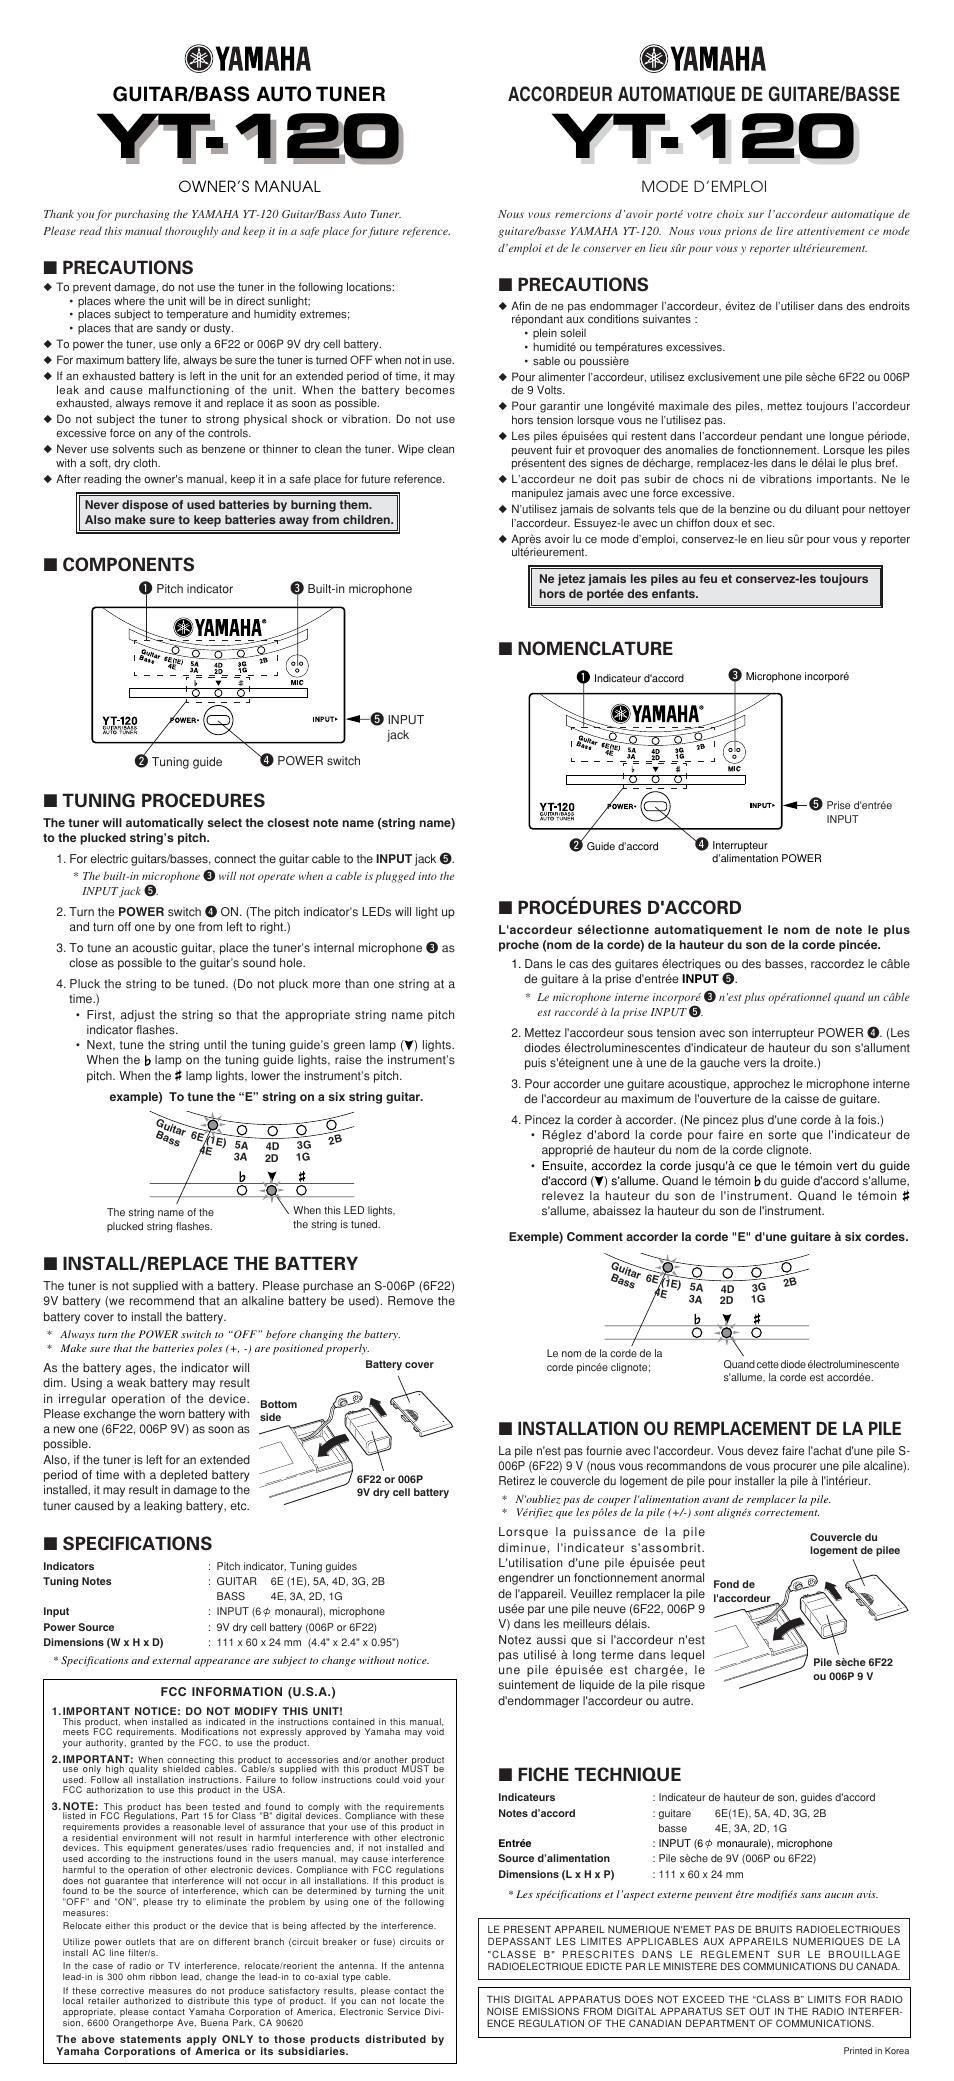 Yt-120, Guitar/bass auto tuner, Accordeur automatique de ...